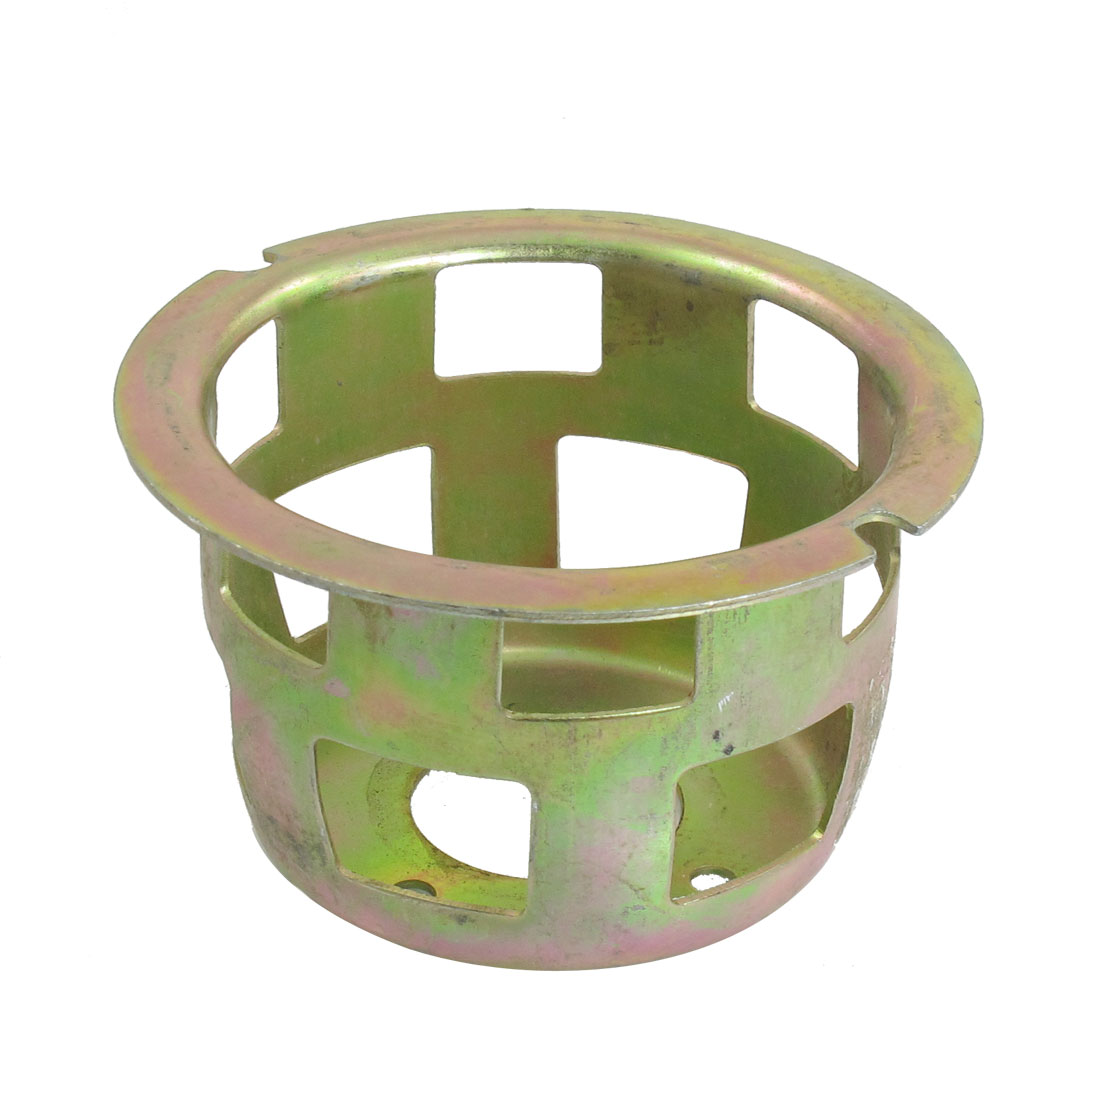 9cm Inner Diameter Recoil Starter Pulley Engine Starting Start Cup